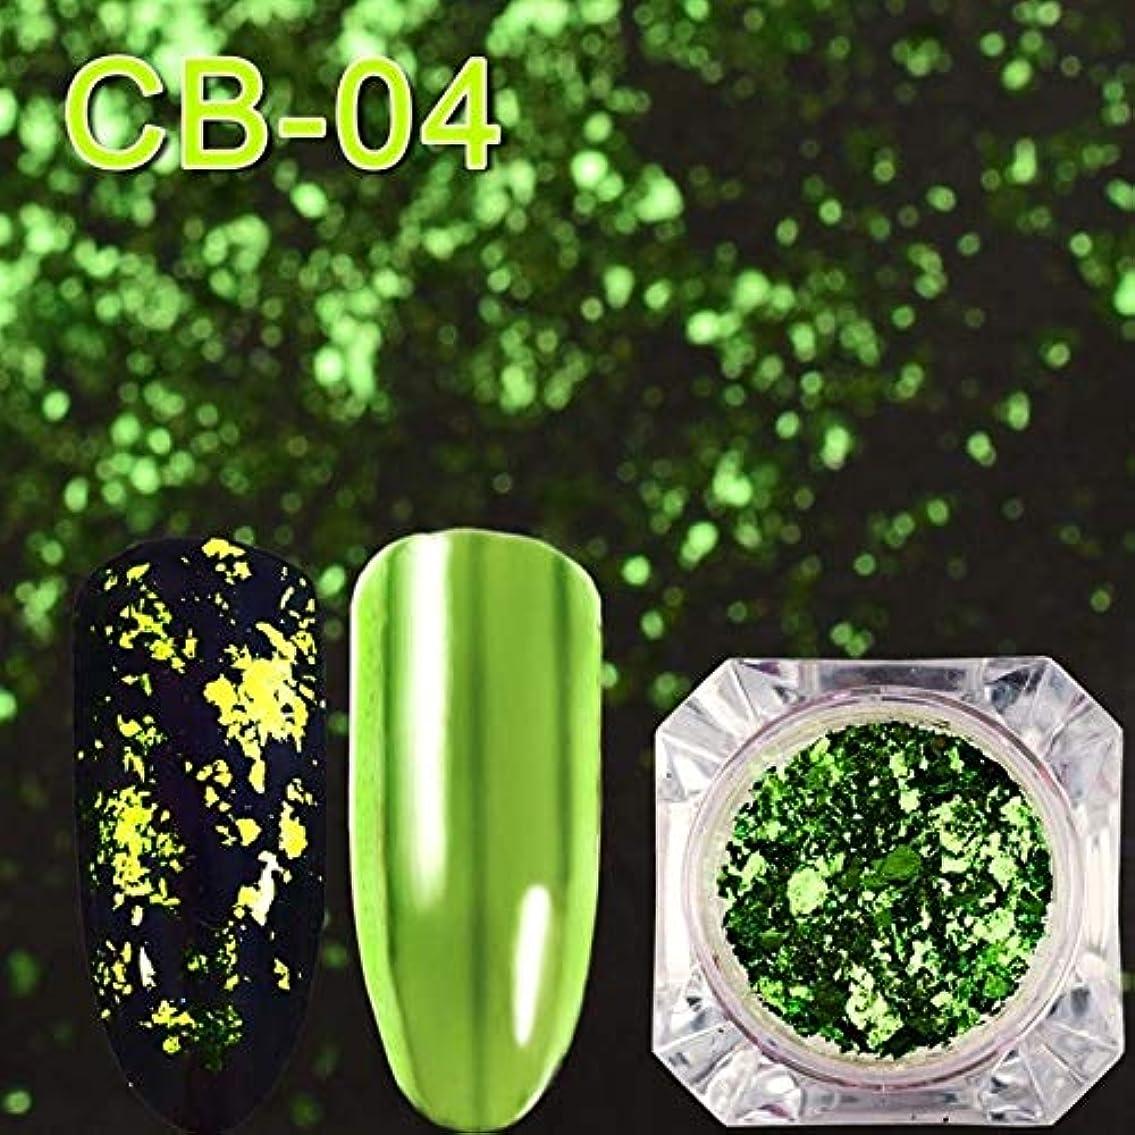 実行するプログレッシブコスチューム手足ビューティーケア 3個マジックミラーカメレオングリッターネイルフレークスパンコール不規則なネイルデコレーション(CB01) (色 : CB04)